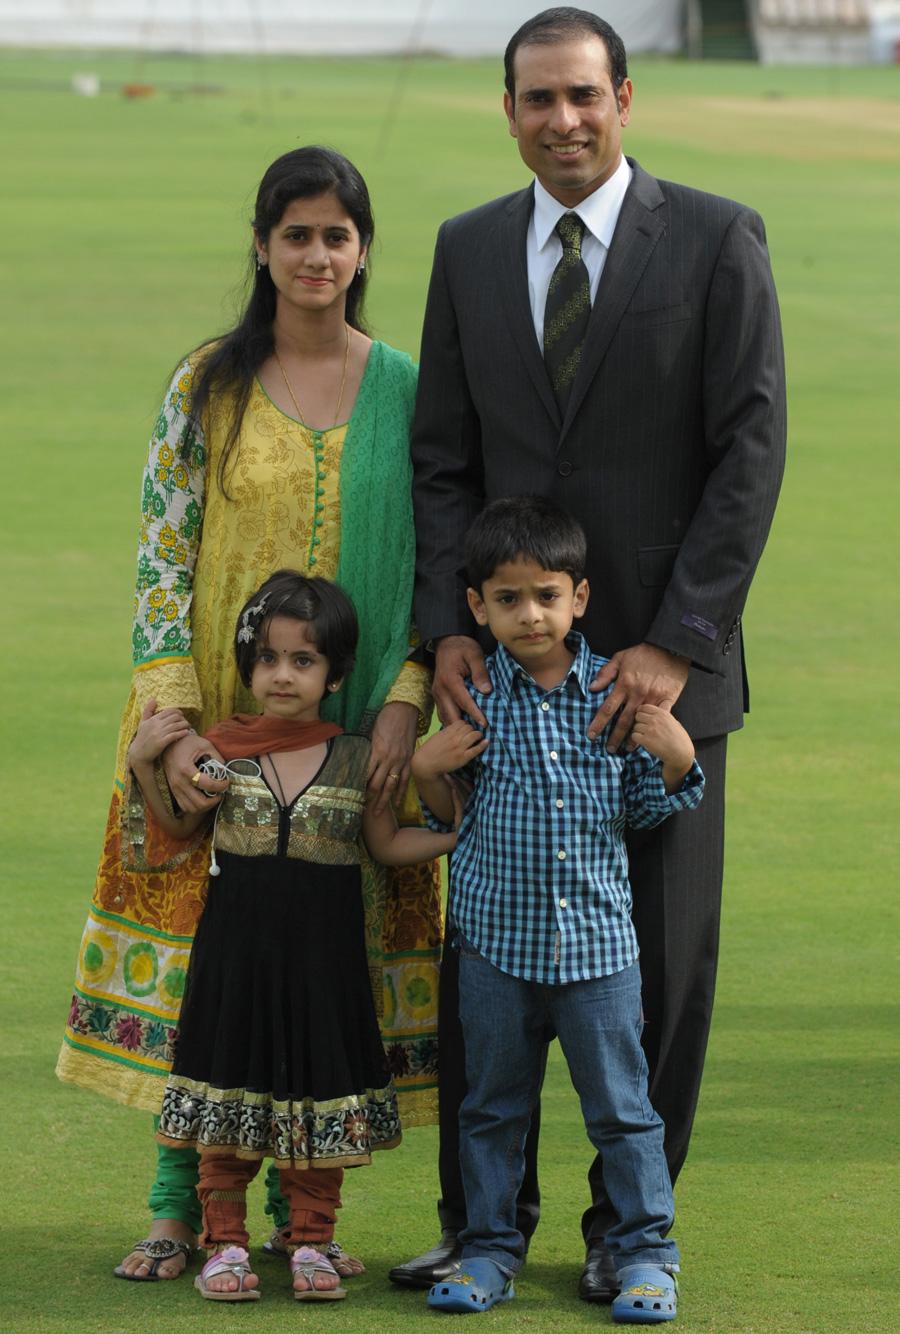 VVS Laxman (Cricketer) family